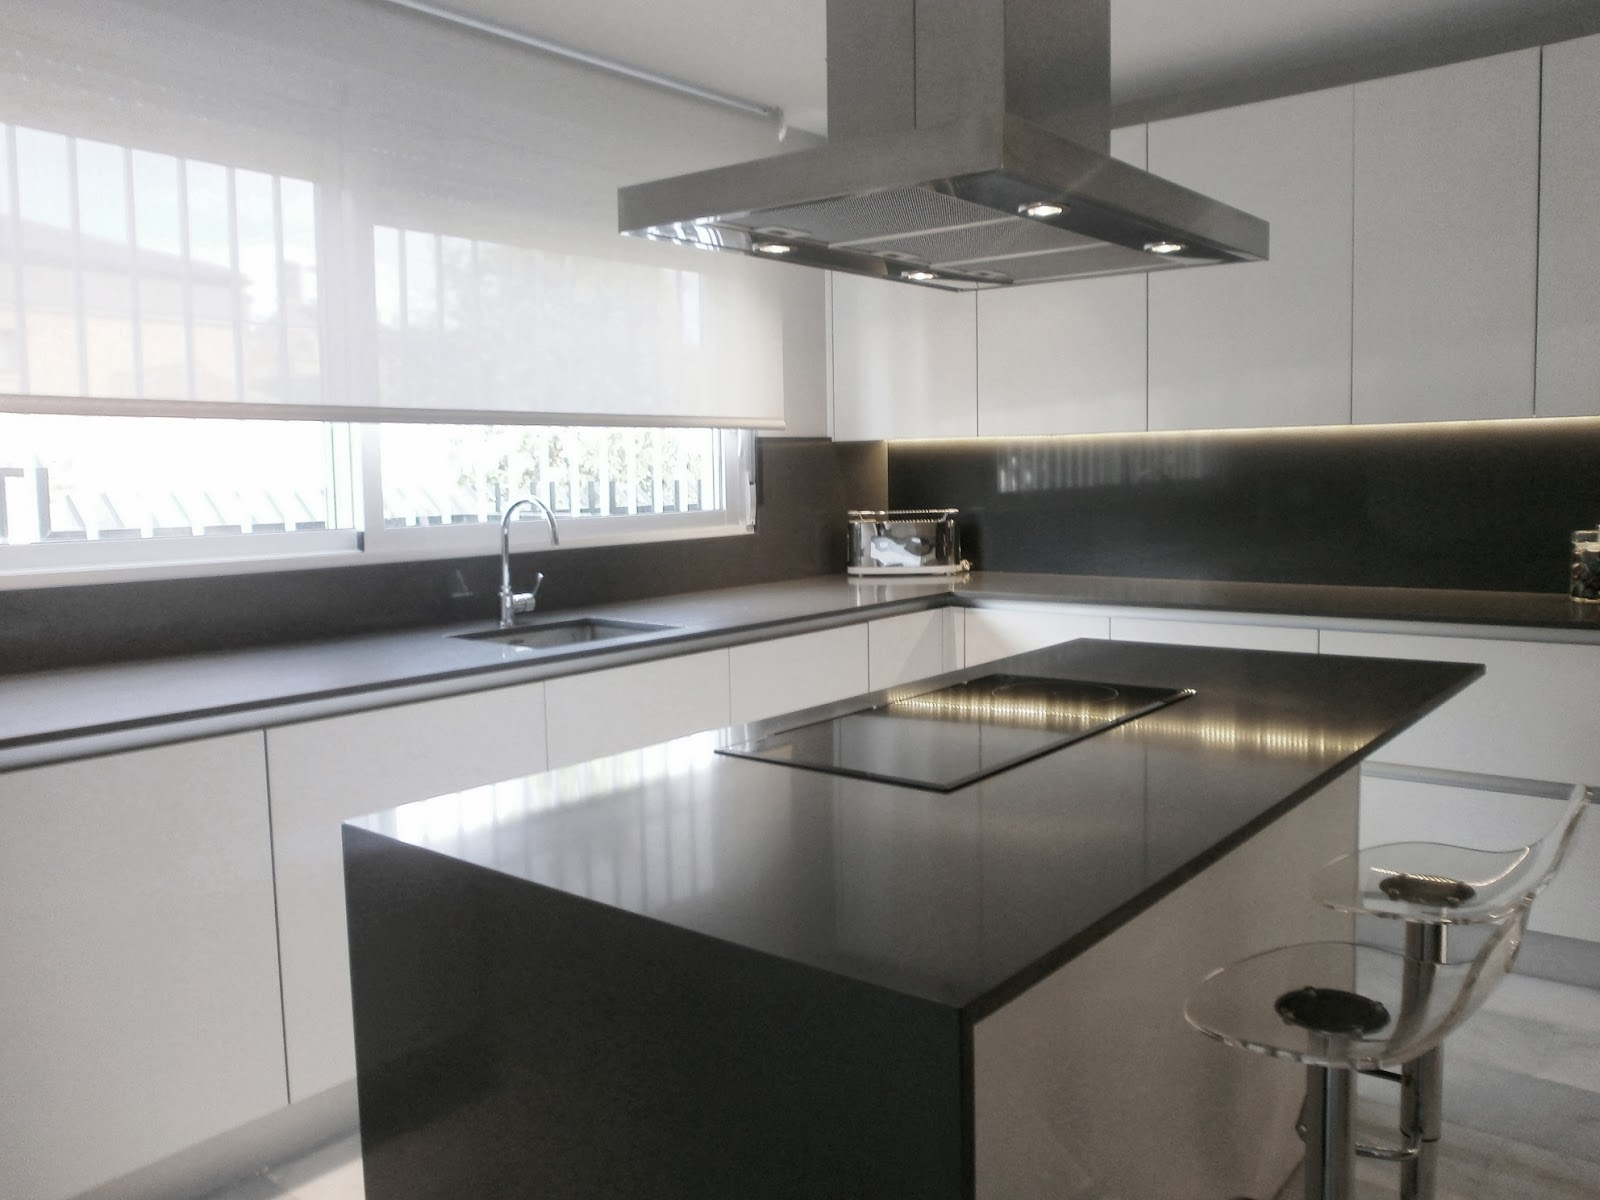 Encantadora cocina blanca independiente con isla y office - Cocina blanca encimera blanca ...